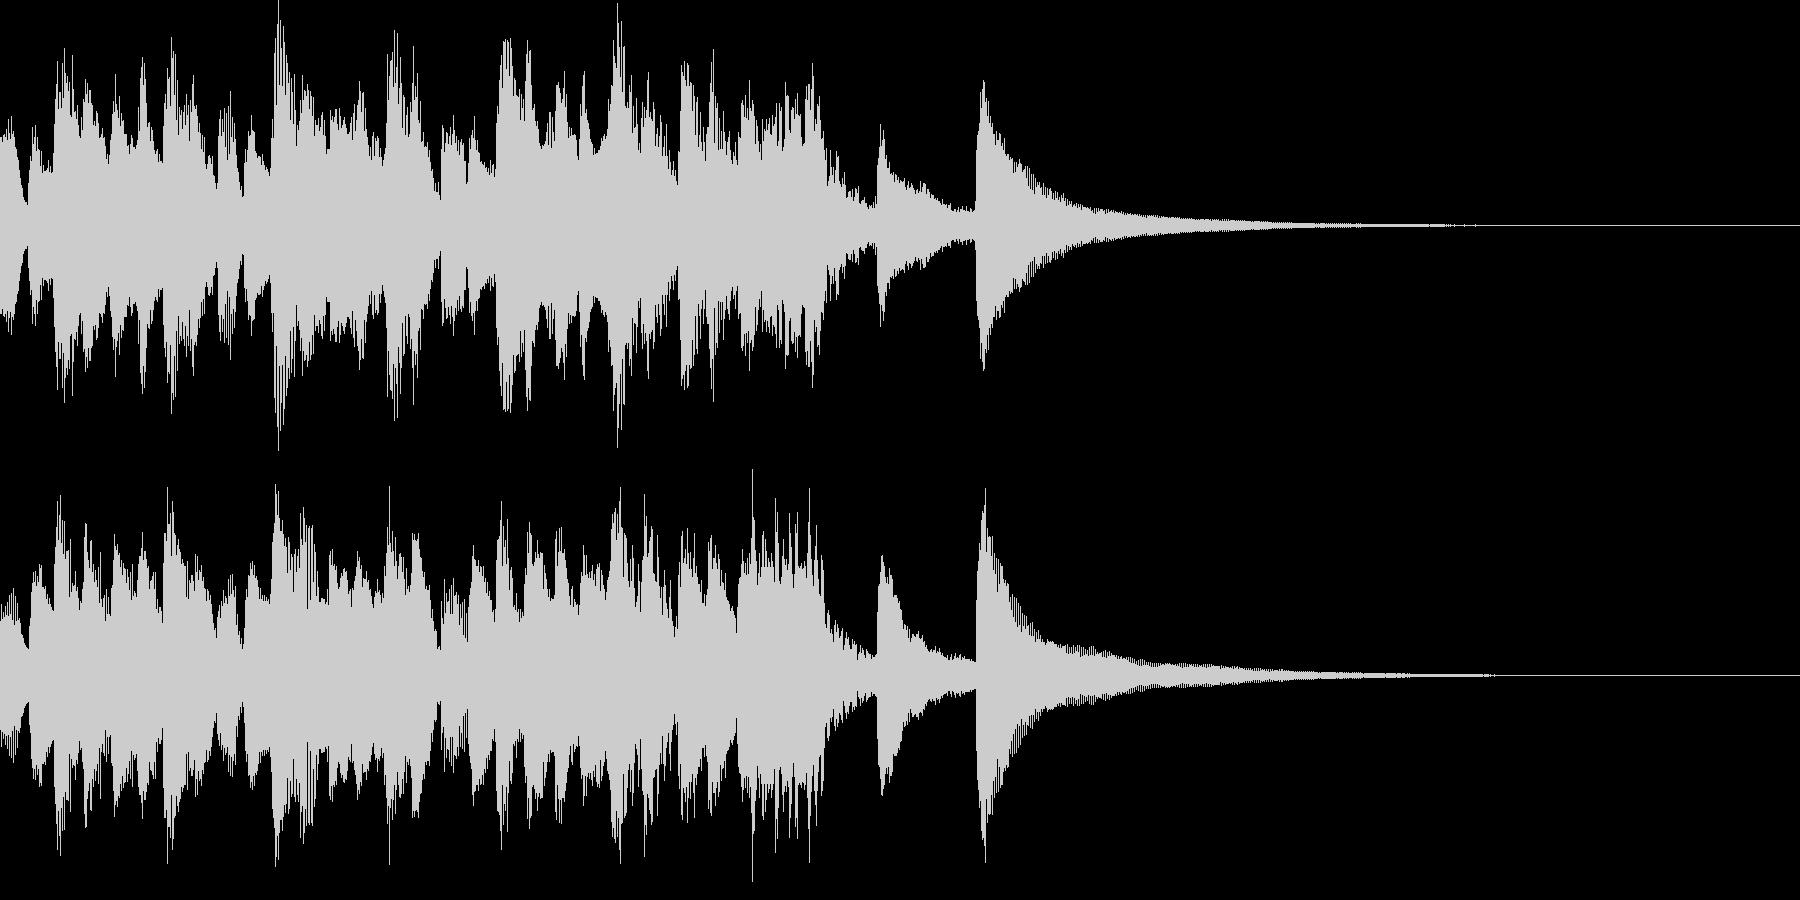 バッハ風のハープシコードの典雅なジングルの未再生の波形